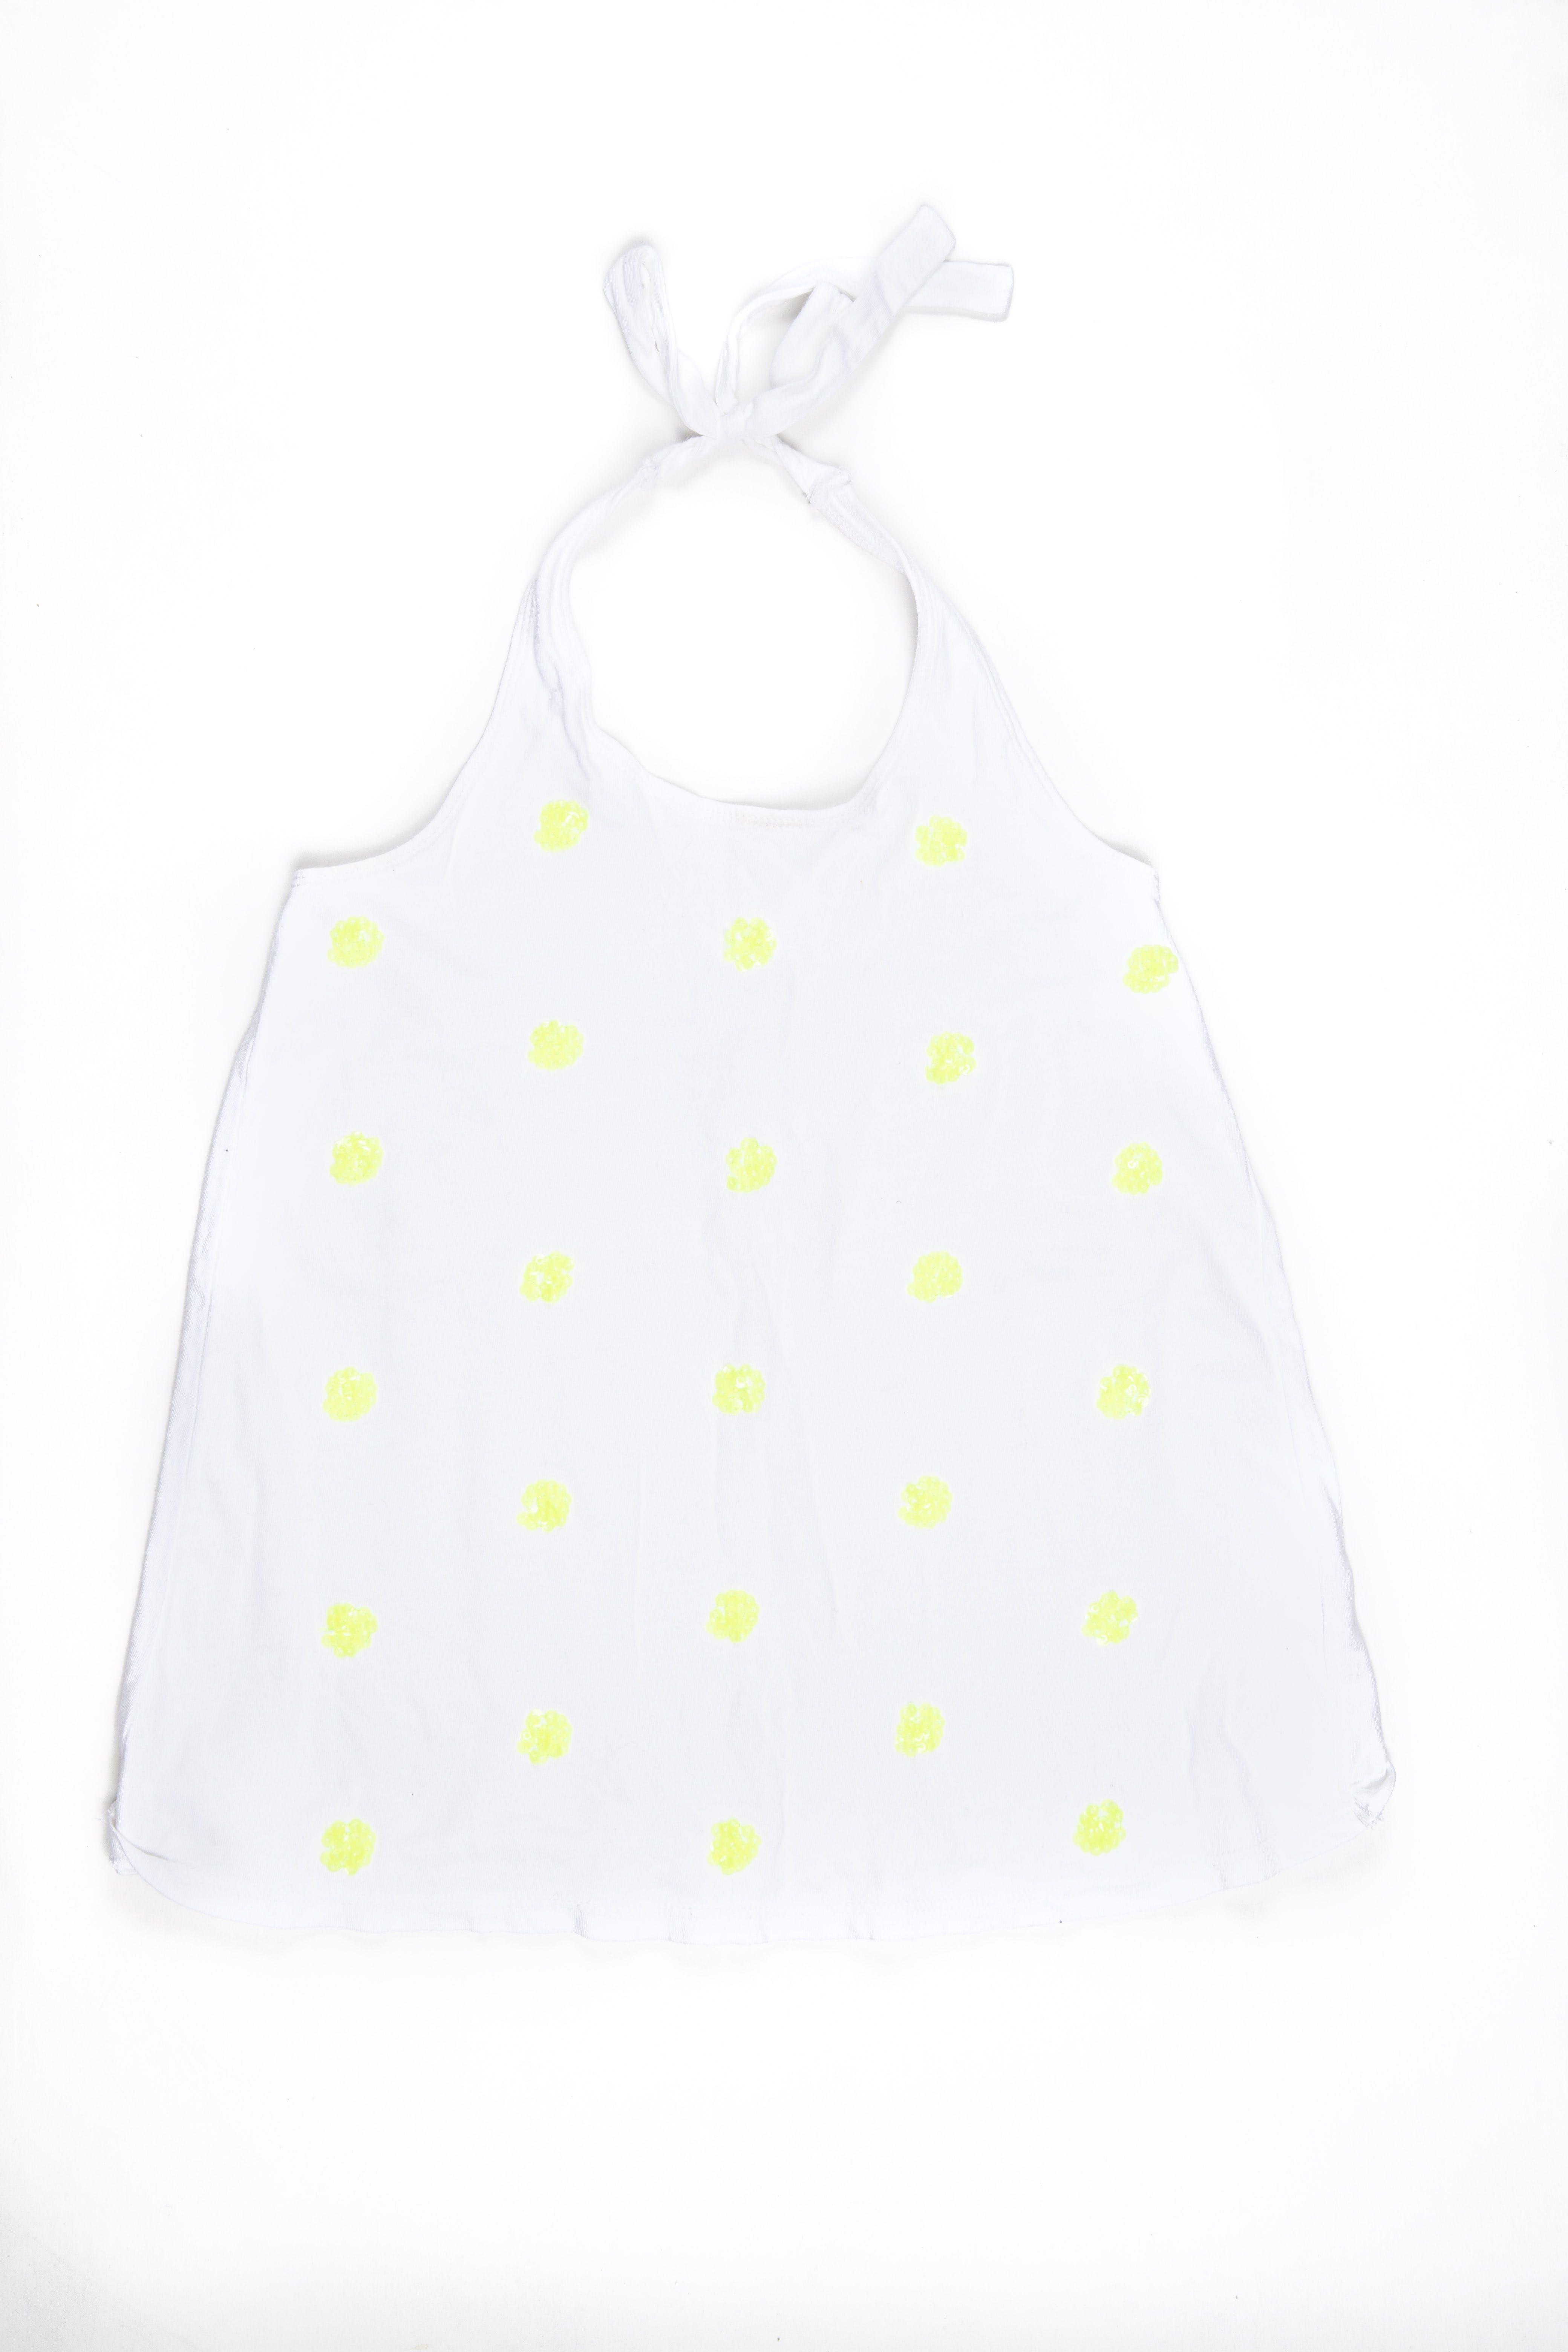 Top cuello halter 100% algodón. Bordados de lentejuelas amarillo neon. Elástico en espalda para ajustar. Lo usaba niña 10T - Old Navy